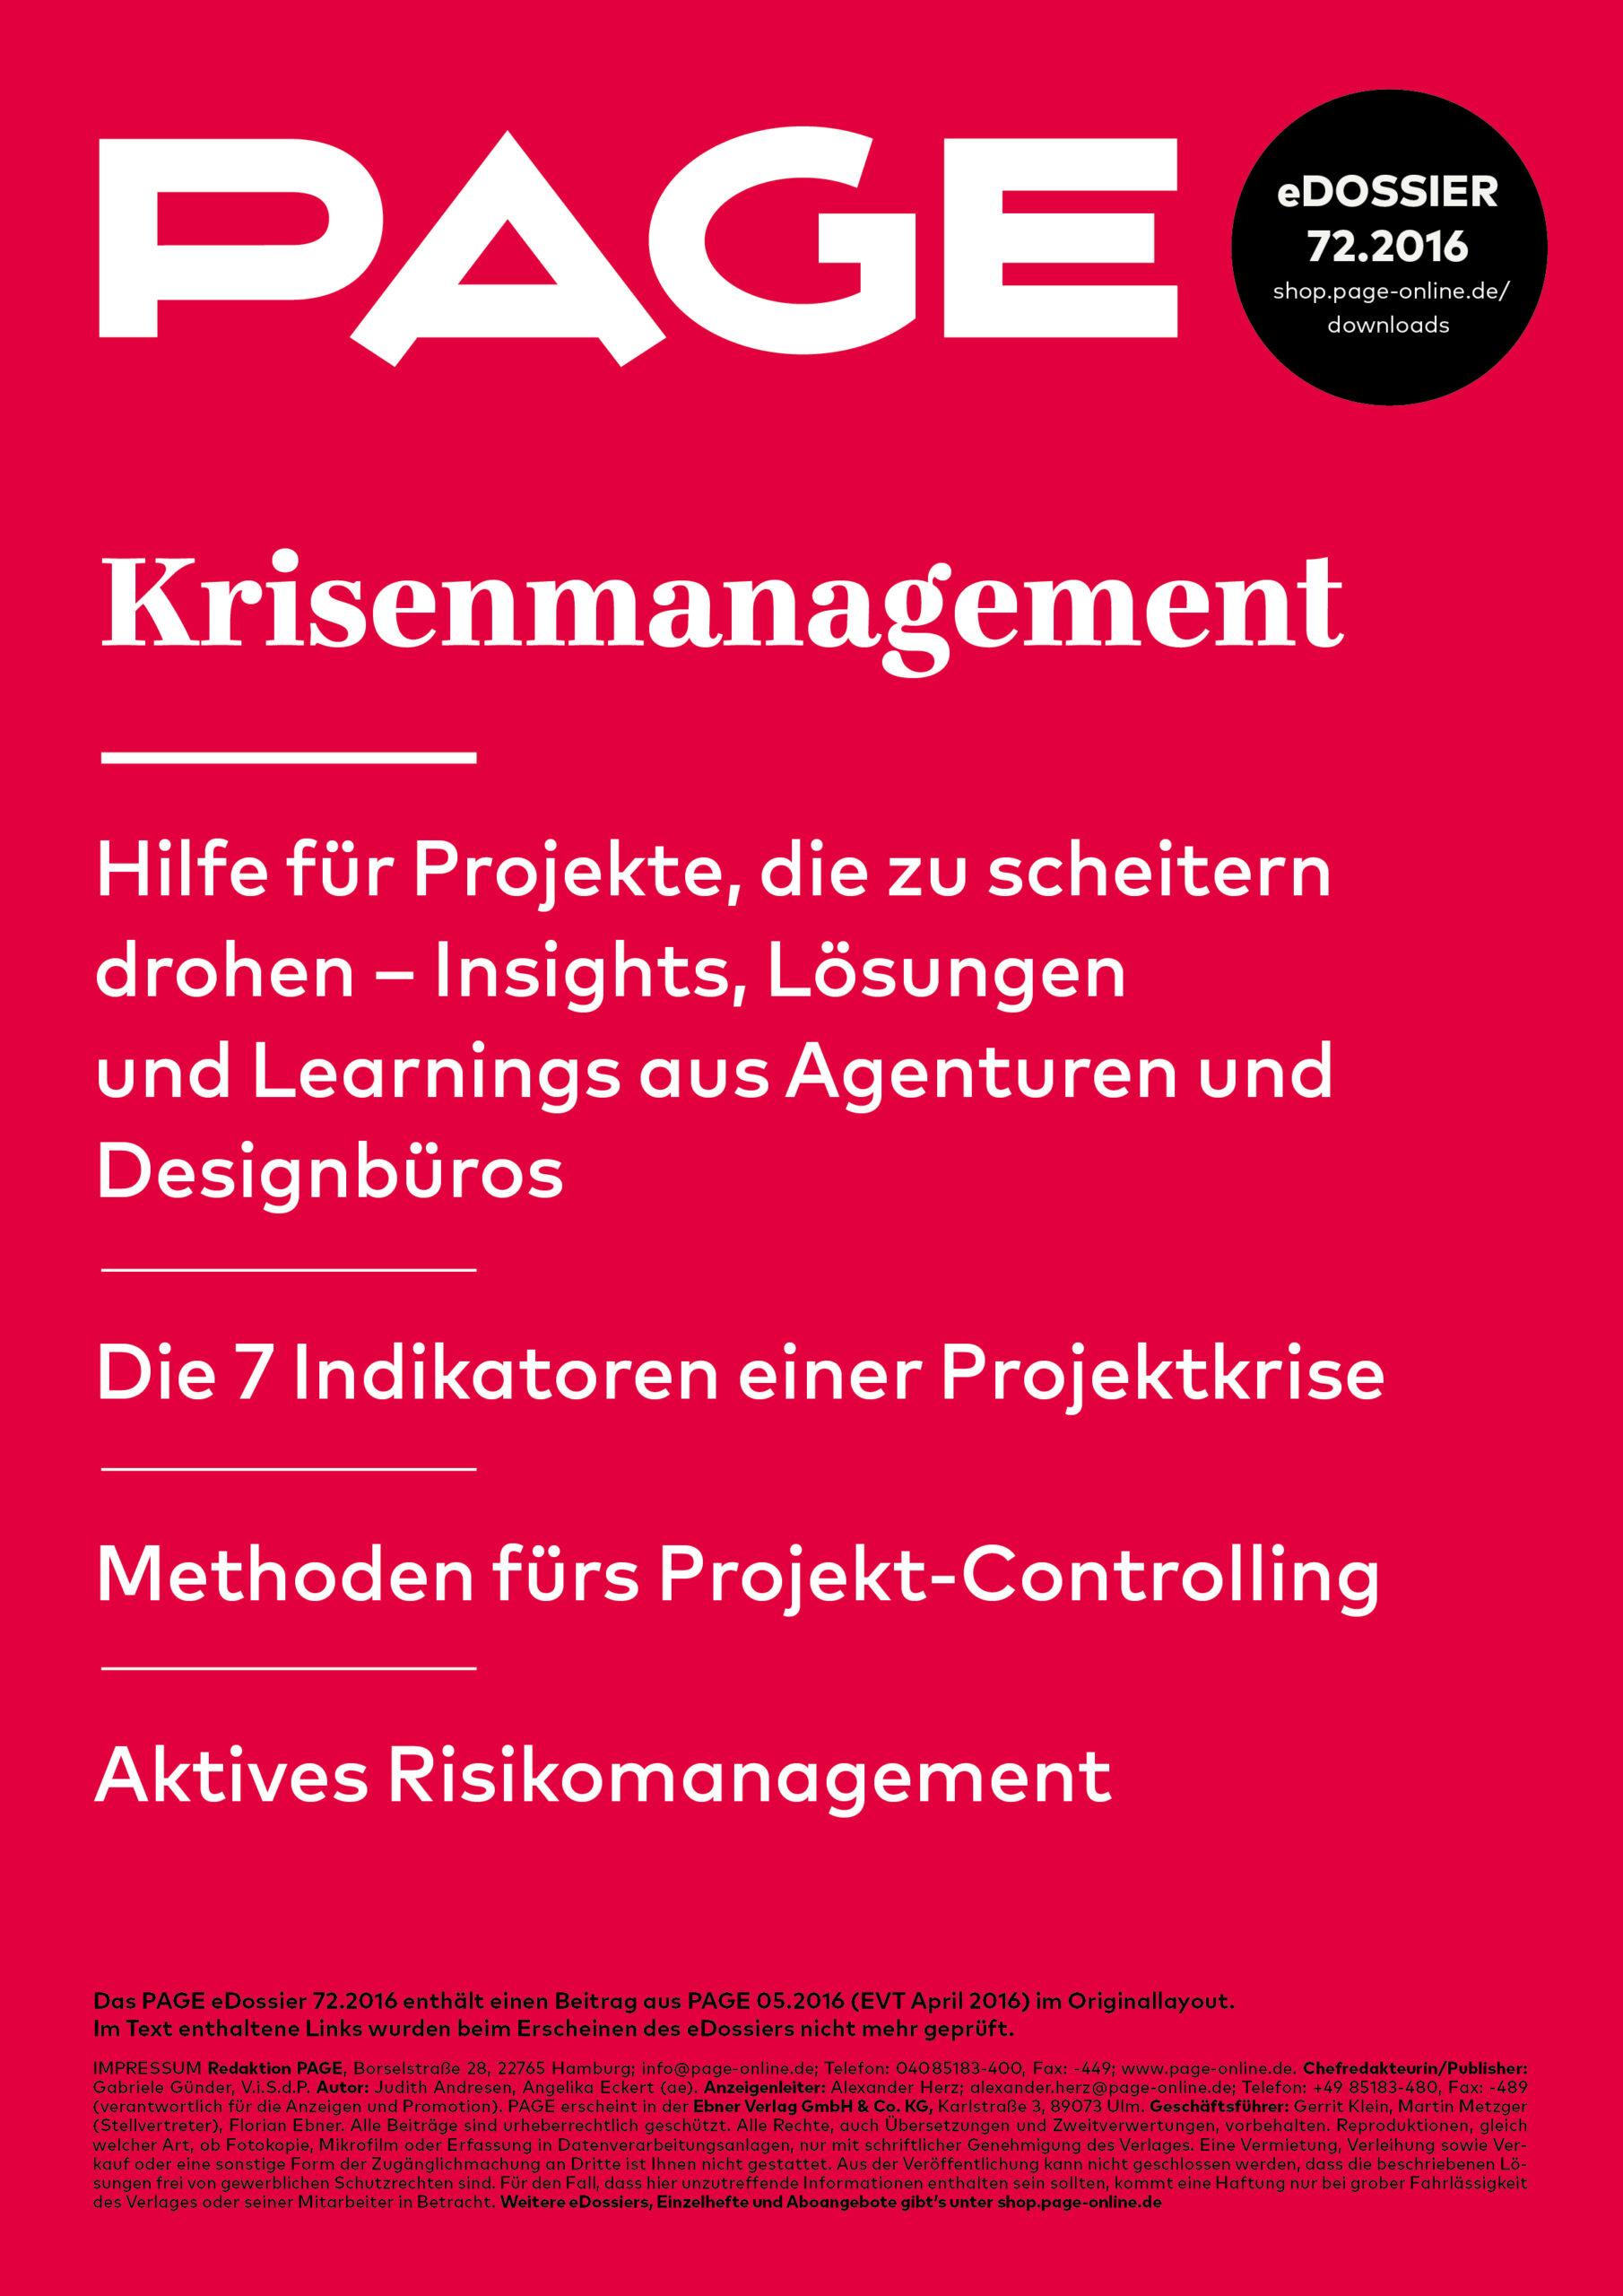 Produkt: eDossier: »Krisenmanagement – Insights, Lösungen und Learnings aus Agenturen und Designbüros«